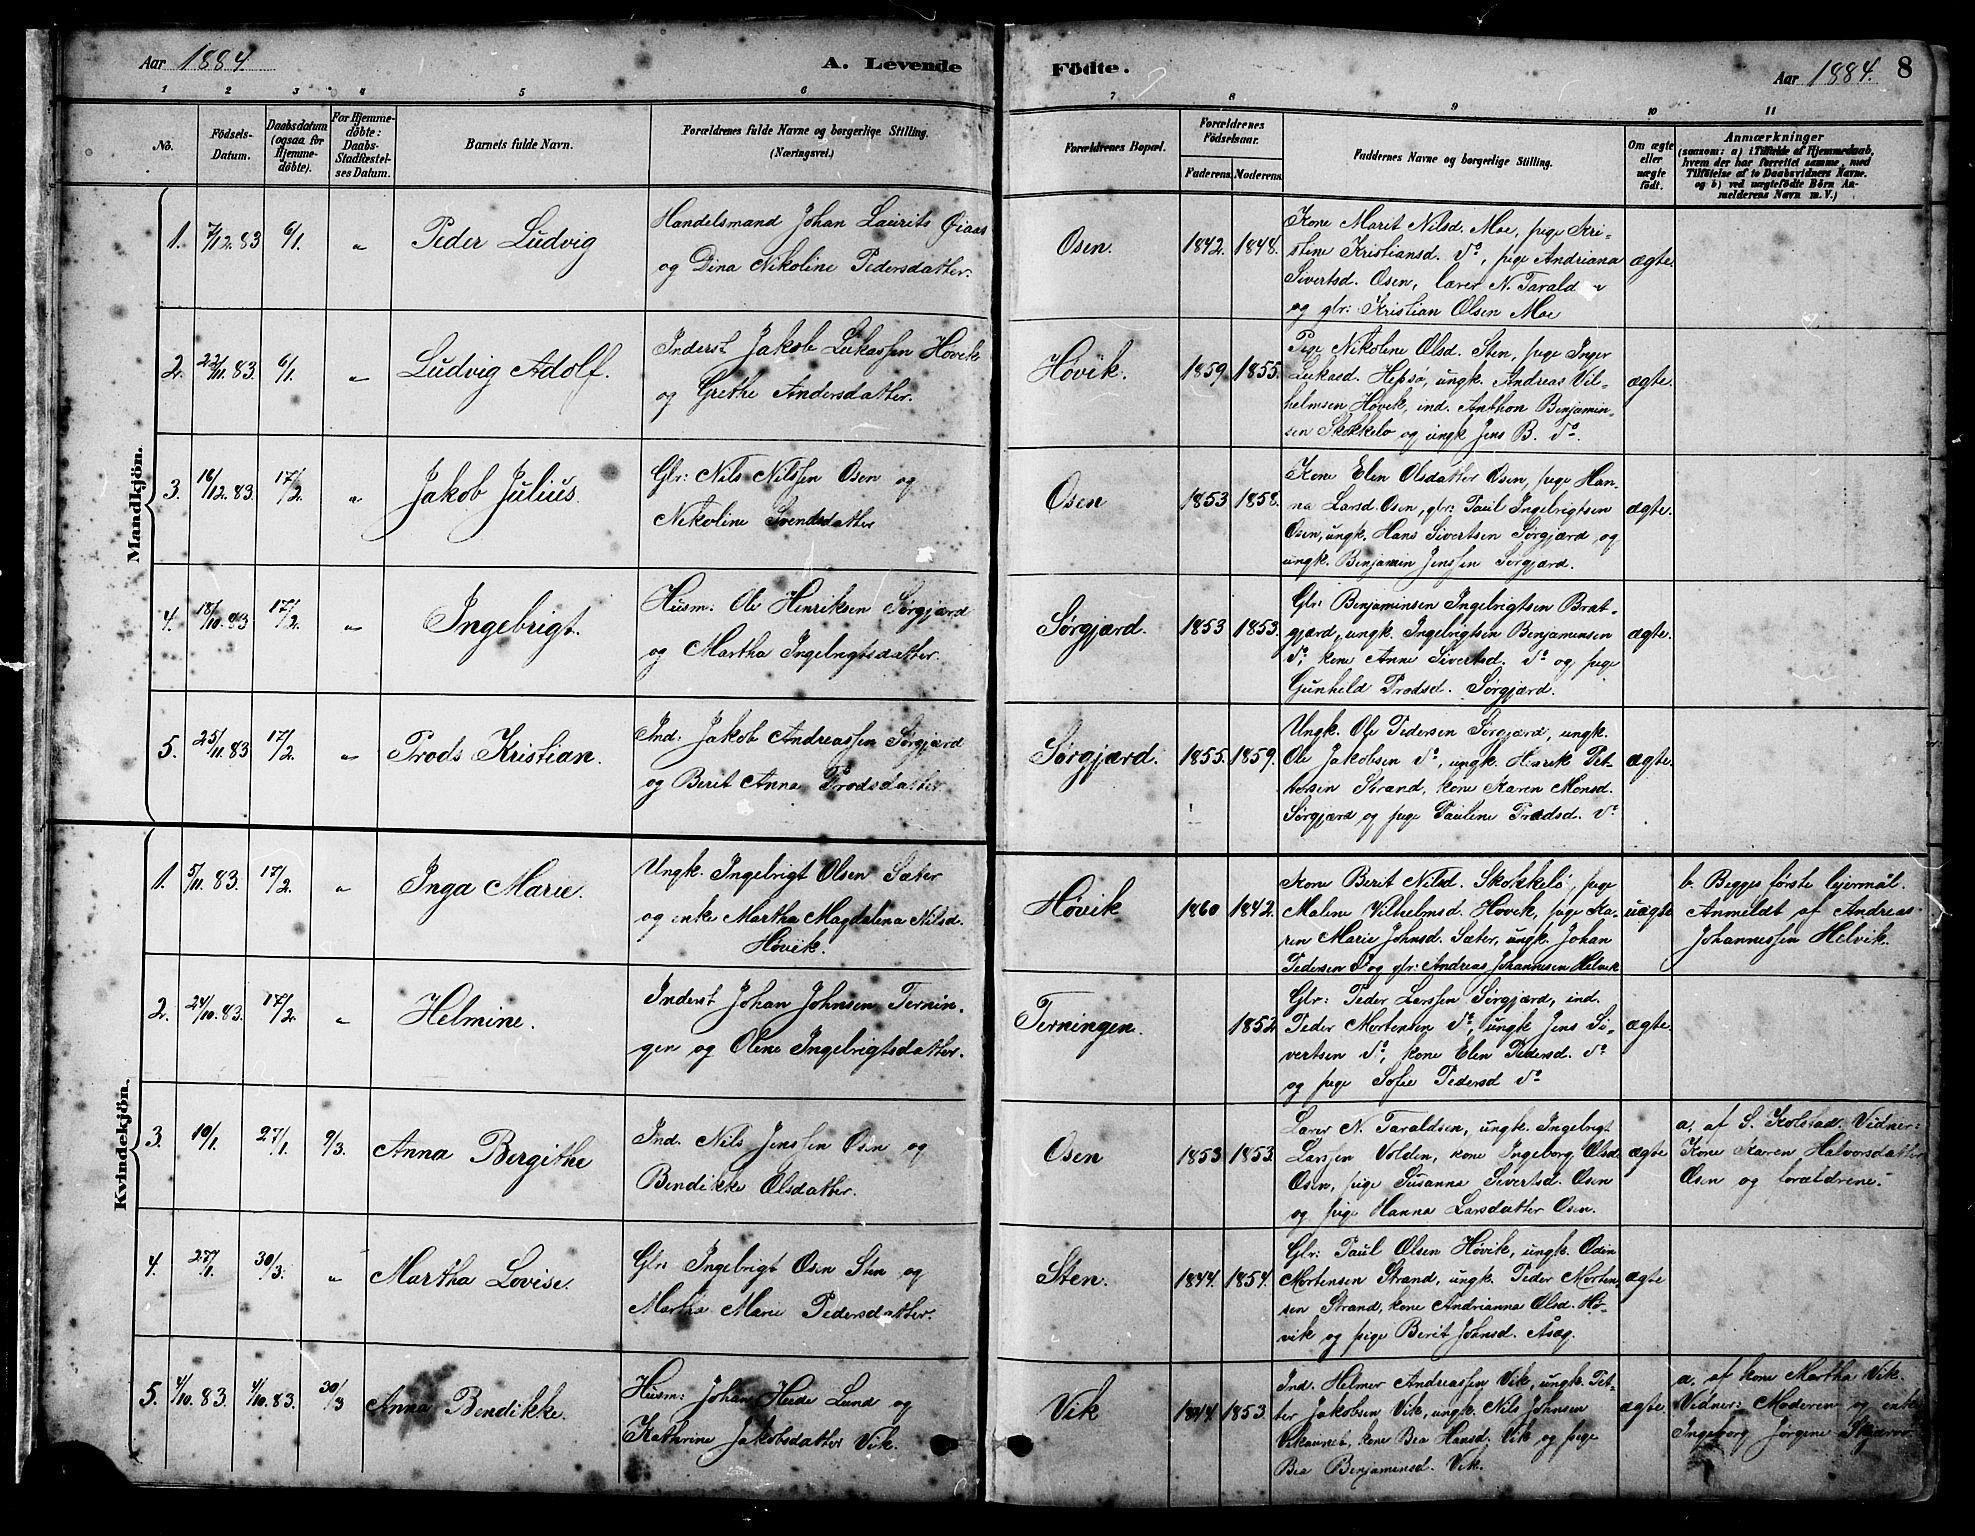 SAT, Ministerialprotokoller, klokkerbøker og fødselsregistre - Sør-Trøndelag, 658/L0726: Klokkerbok nr. 658C02, 1883-1908, s. 8